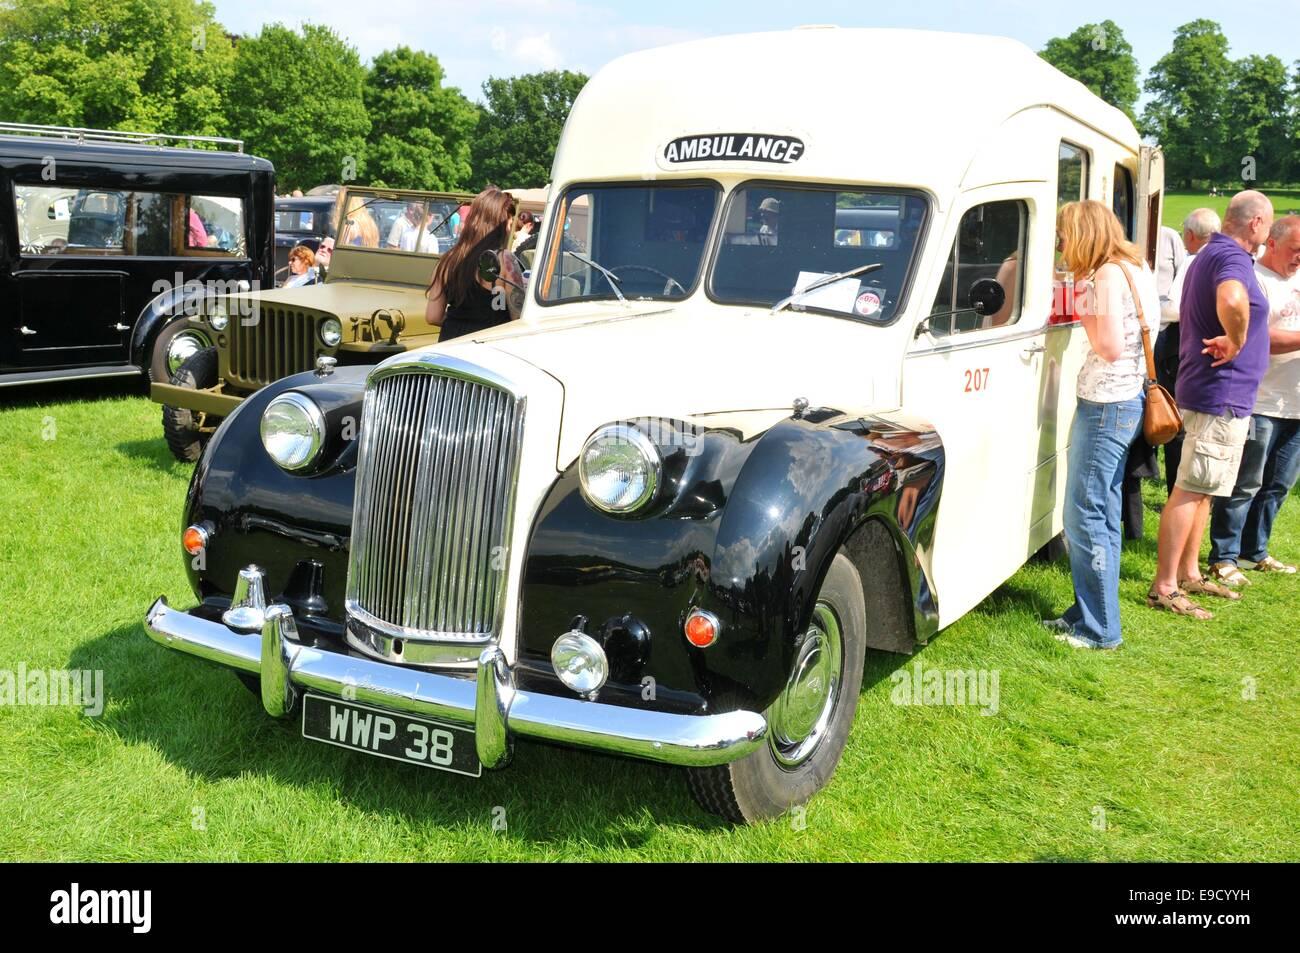 Vintage Ambulance Uk Stock Photos & Vintage Ambulance Uk Stock ...